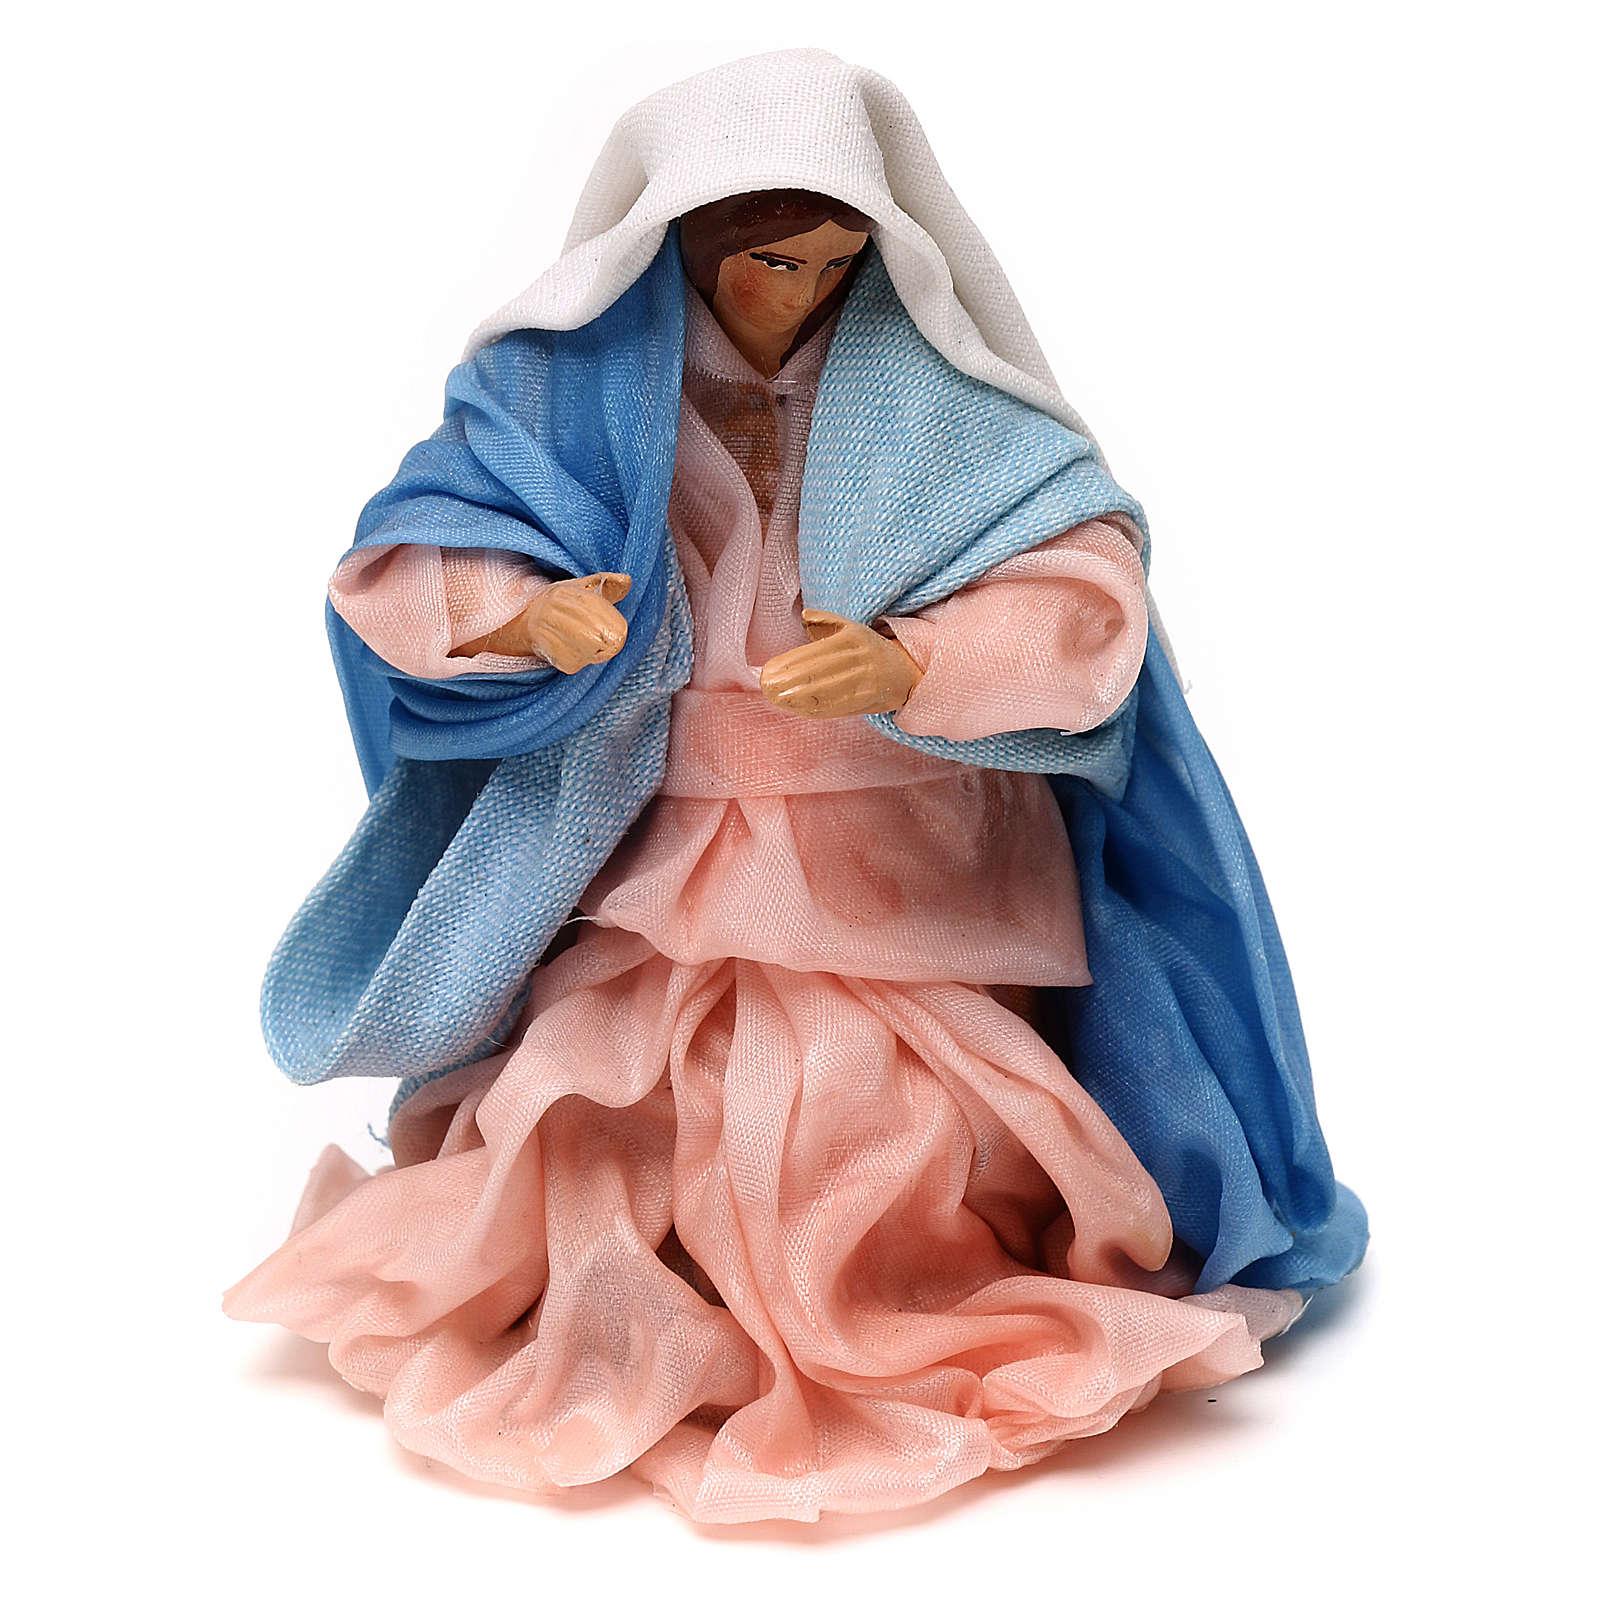 Neapolitan Nativity scene, Virgin Mary 12 cm 4